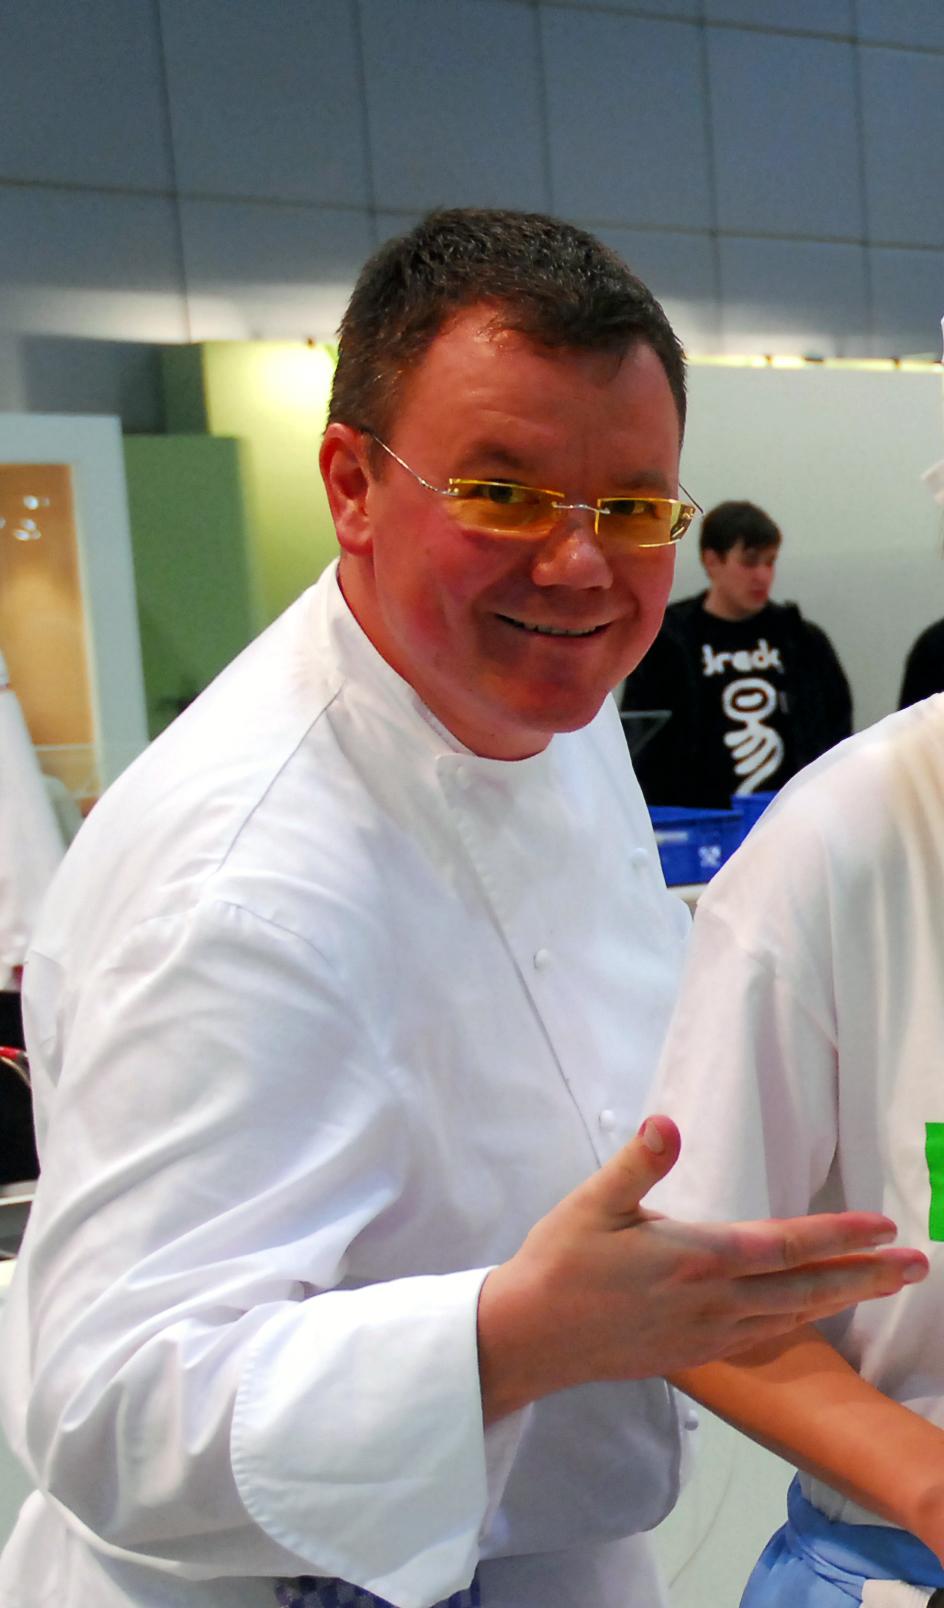 Seit Dem 1.Juli 2017 Verantwortet Peter Niemann Den Umbau Des  Gourmetrestaurants Sowie Den Neubau Eines Zweiten Restaurants, Um U2013 Mit  Seiner Vom Guide ...